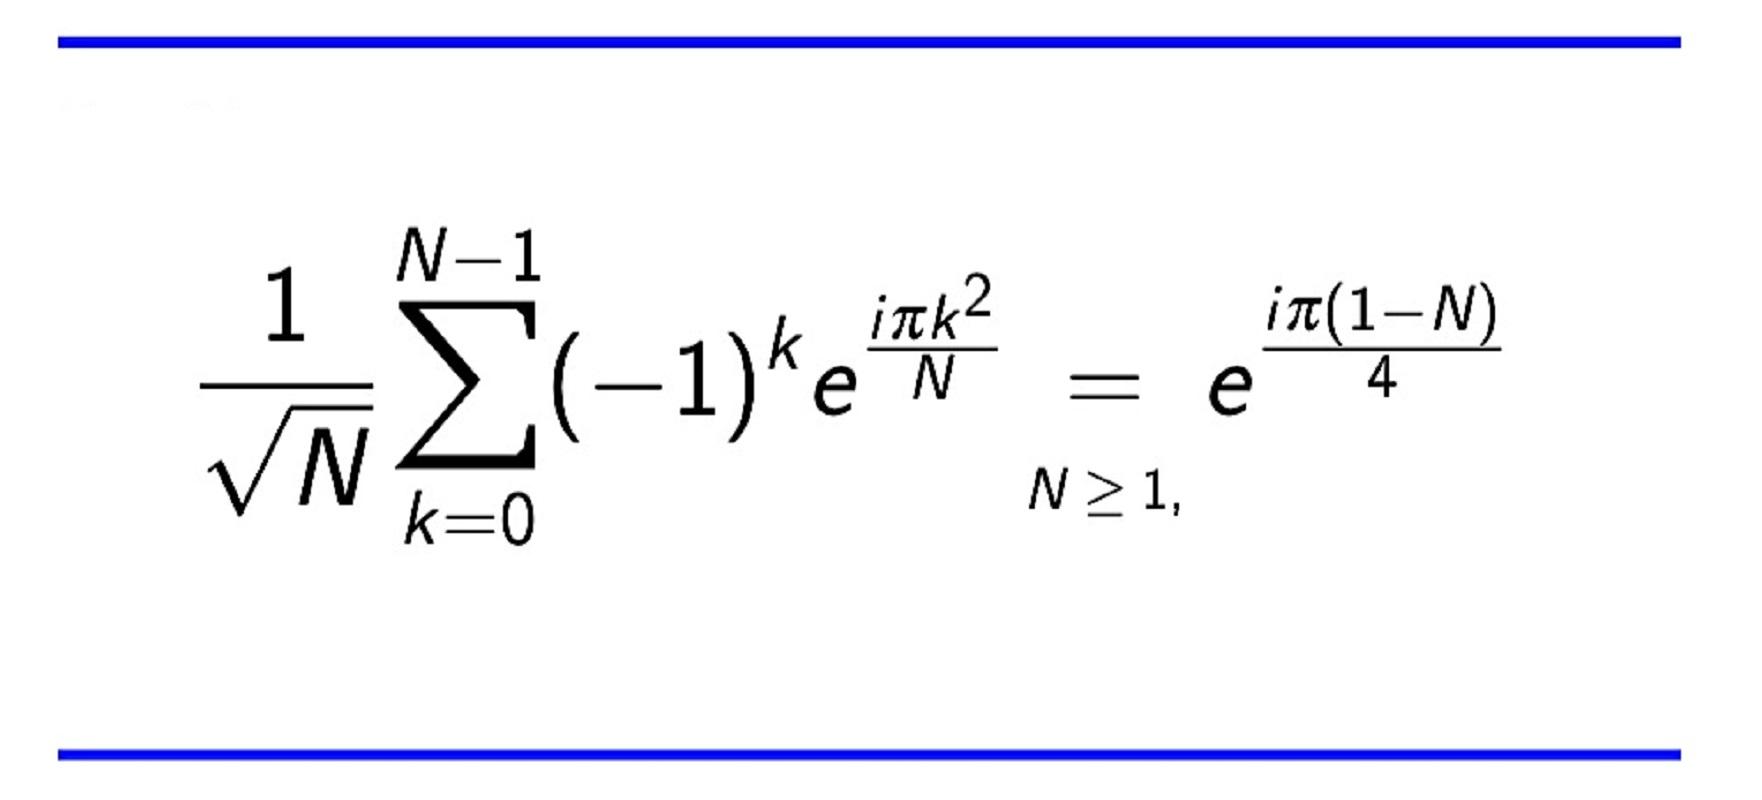 مجموع گاوس در ریاضیات | به زبان ساده